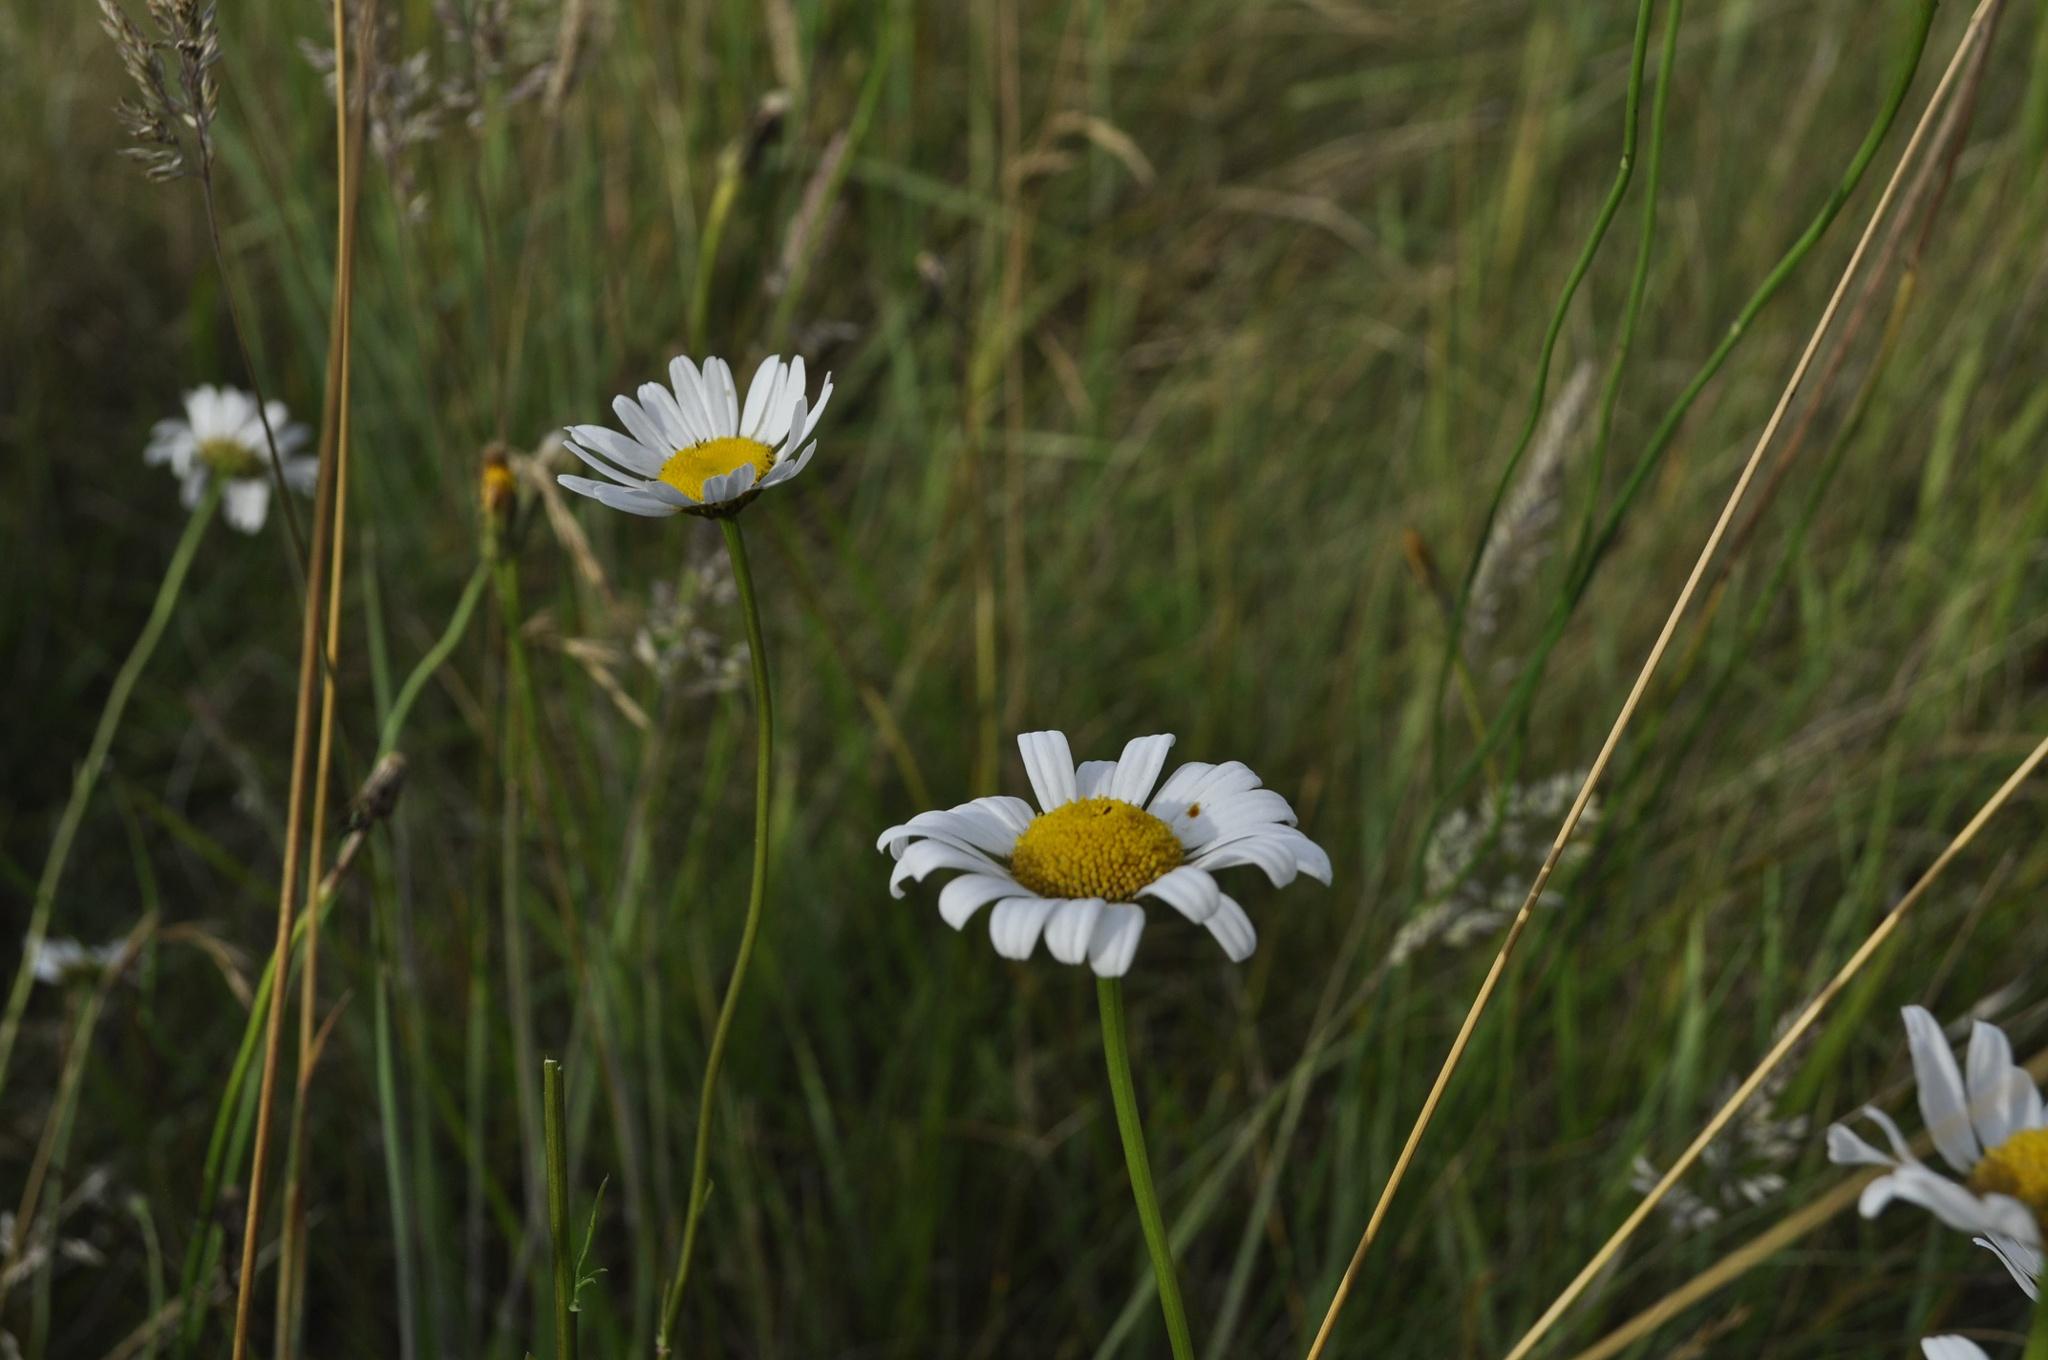 Wild Daisies by Ellen Lauder